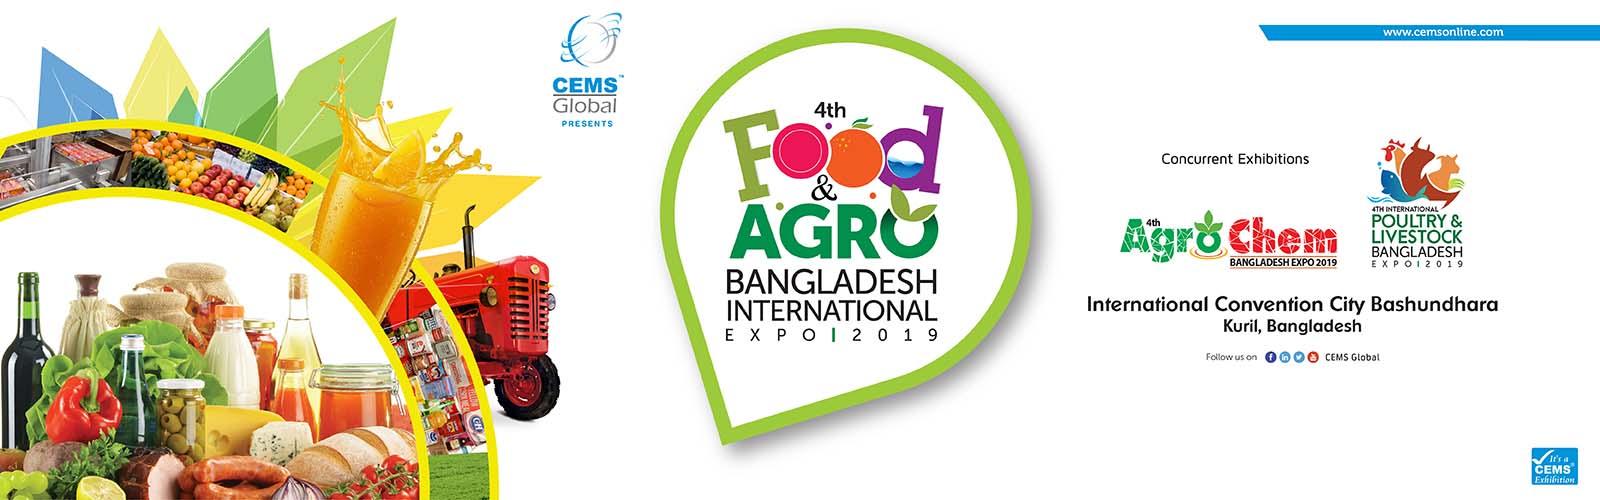 4th Food & Agro Bangladesh International Expo 2019